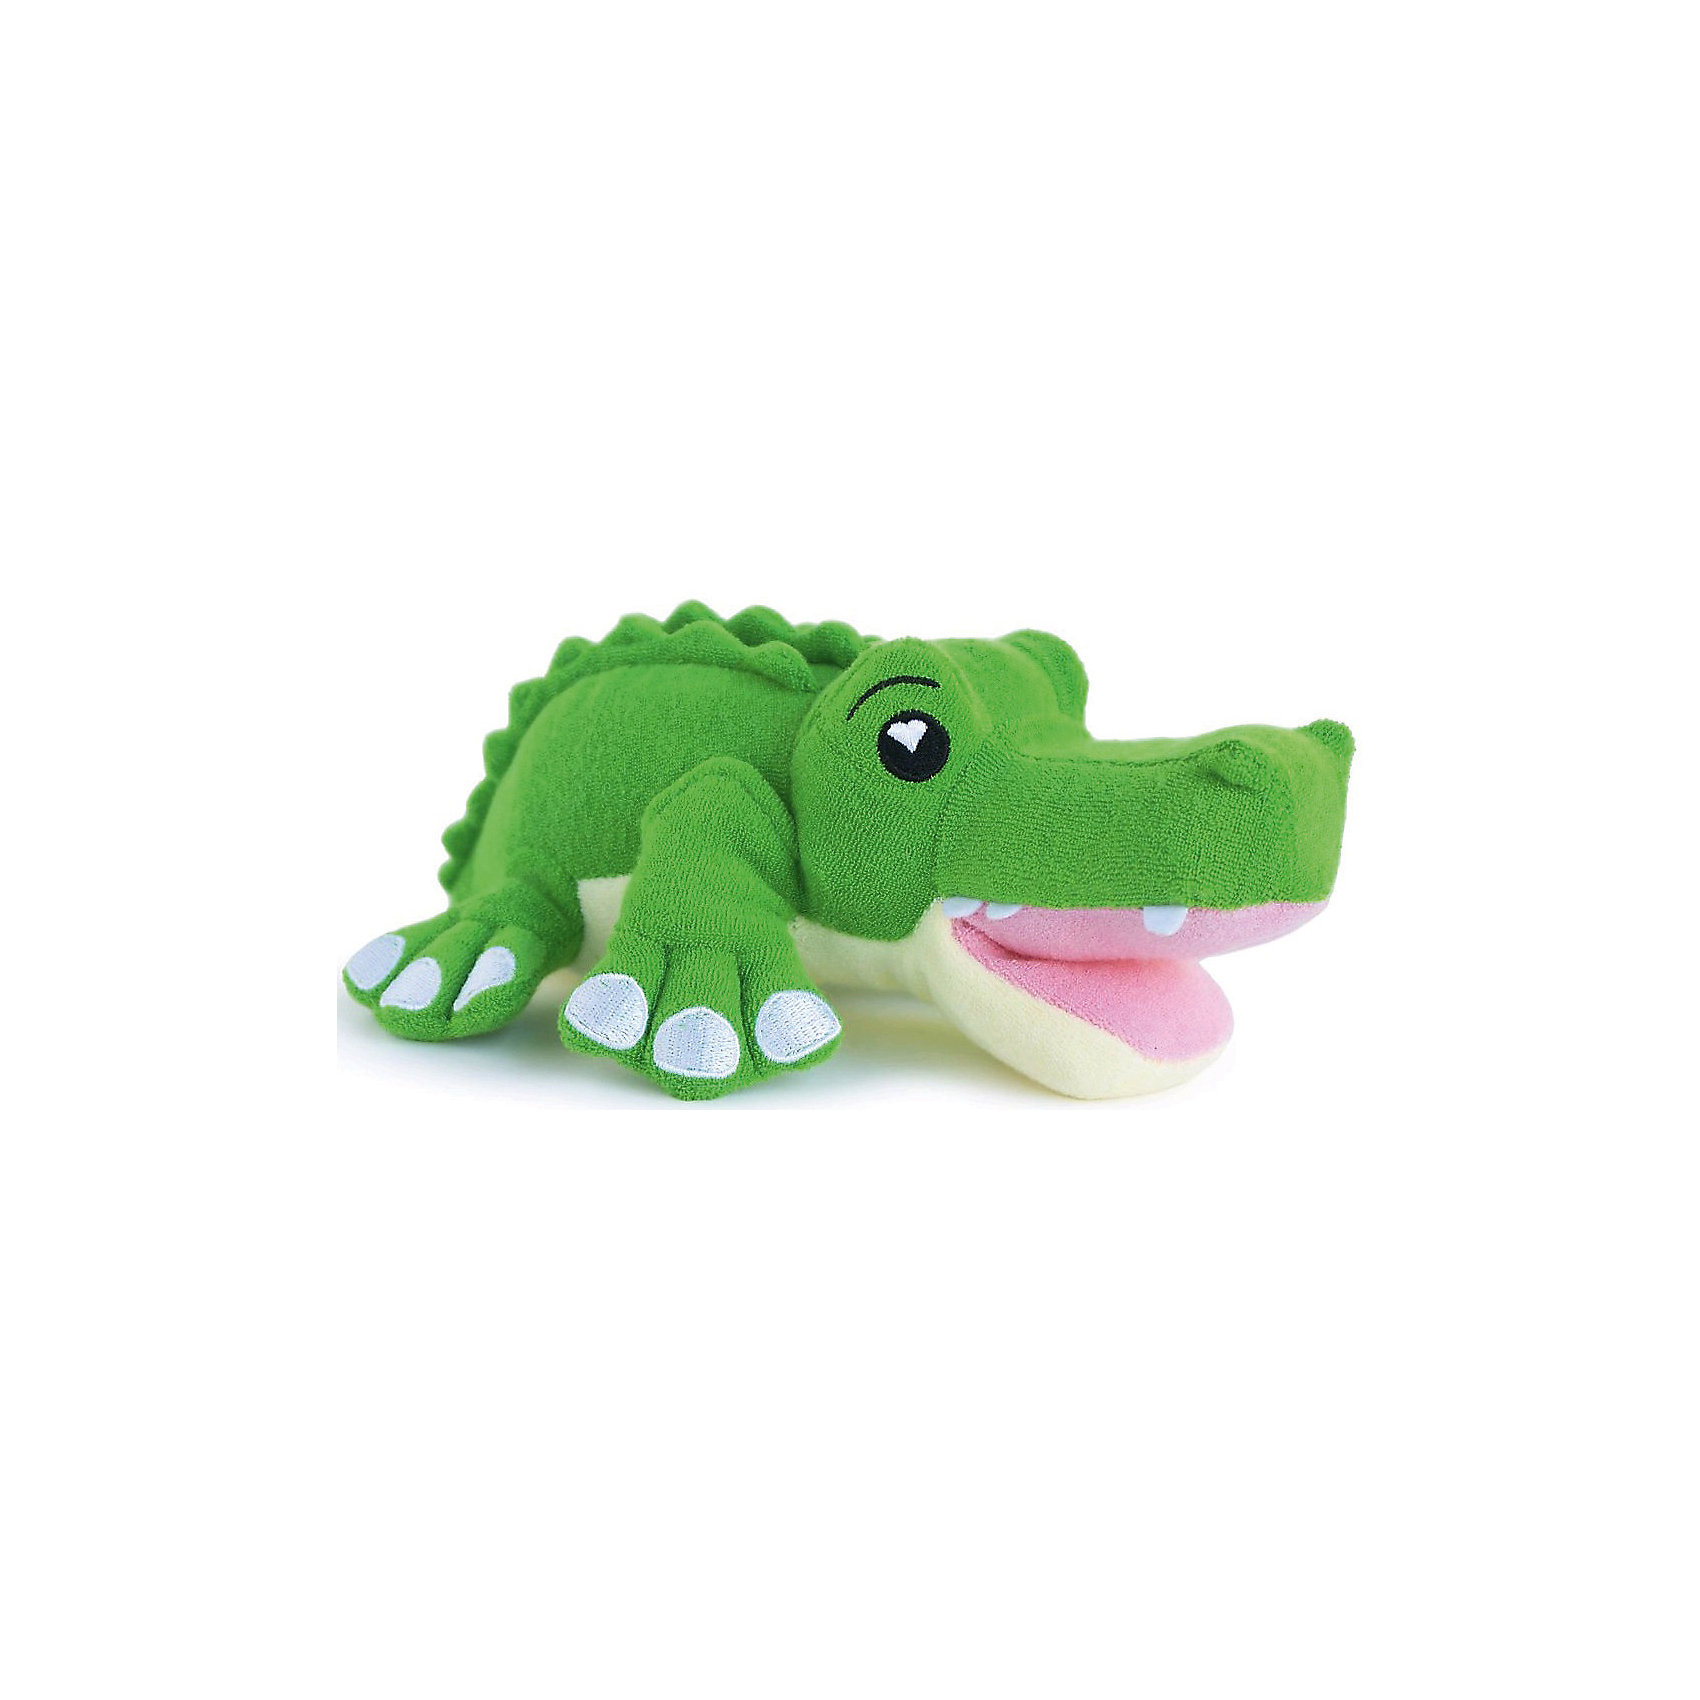 Губка для тела Крокодил Хантер, SoapSoxПолотенца, мочалки, халаты<br>Губка для тела Крокодил Хантер, SoapSox (Соап Сокс) <br><br>Характеристики:<br><br>• выполнена в виде забавного крокодила<br>• хорошо вспенивает мыло<br>• два кармашка для пальцев<br>• удобно сушить<br>• материал: антимикробный полиэстер, губка<br>• размер: 23х7,5х13 см<br>• размер упаковки: 22х8х28 см<br>• вес: 100 грамм<br><br>Губка для тела Крокодил Хантер понравится каждому малышу, ведь она очень милая и, к тому же, создает много пены. Для использования нужно наполнить внутренний карман мылом, а затем опустить губку в воду. Пышная мыльная пена вызовет восторг у вашего крохи! Два боковых кармашка позволят вам удобно зафиксировать губку в руке. Для сушки можно воспользоваться специальным шнурком. С веселым крокодилом Хантером купаться очень интересно!<br><br>Губку для тела Крокодил Хантер, SoapSox (Соап Сокс)  можно купить в нашем интернет-магазине.<br><br>Ширина мм: 28<br>Глубина мм: 22<br>Высота мм: 8<br>Вес г: 0<br>Возраст от месяцев: 12<br>Возраст до месяцев: 72<br>Пол: Унисекс<br>Возраст: Детский<br>SKU: 5489967